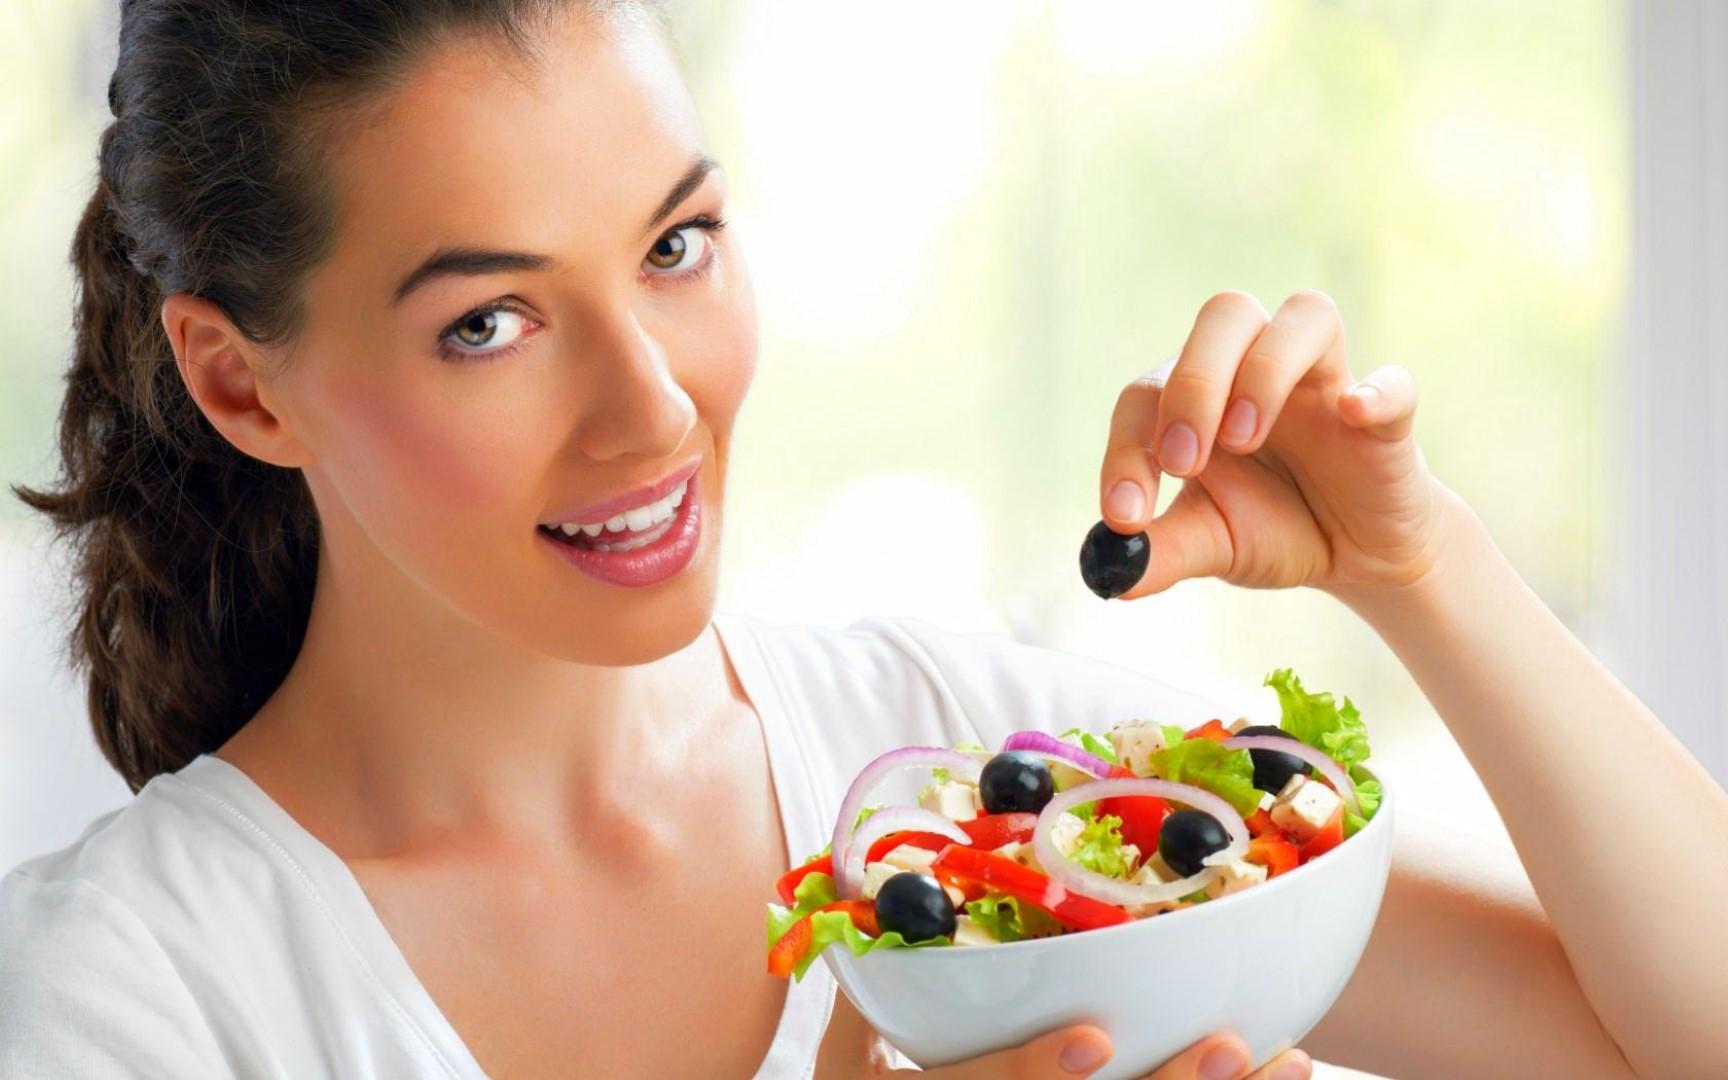 похудеть на правильном питании и спорте